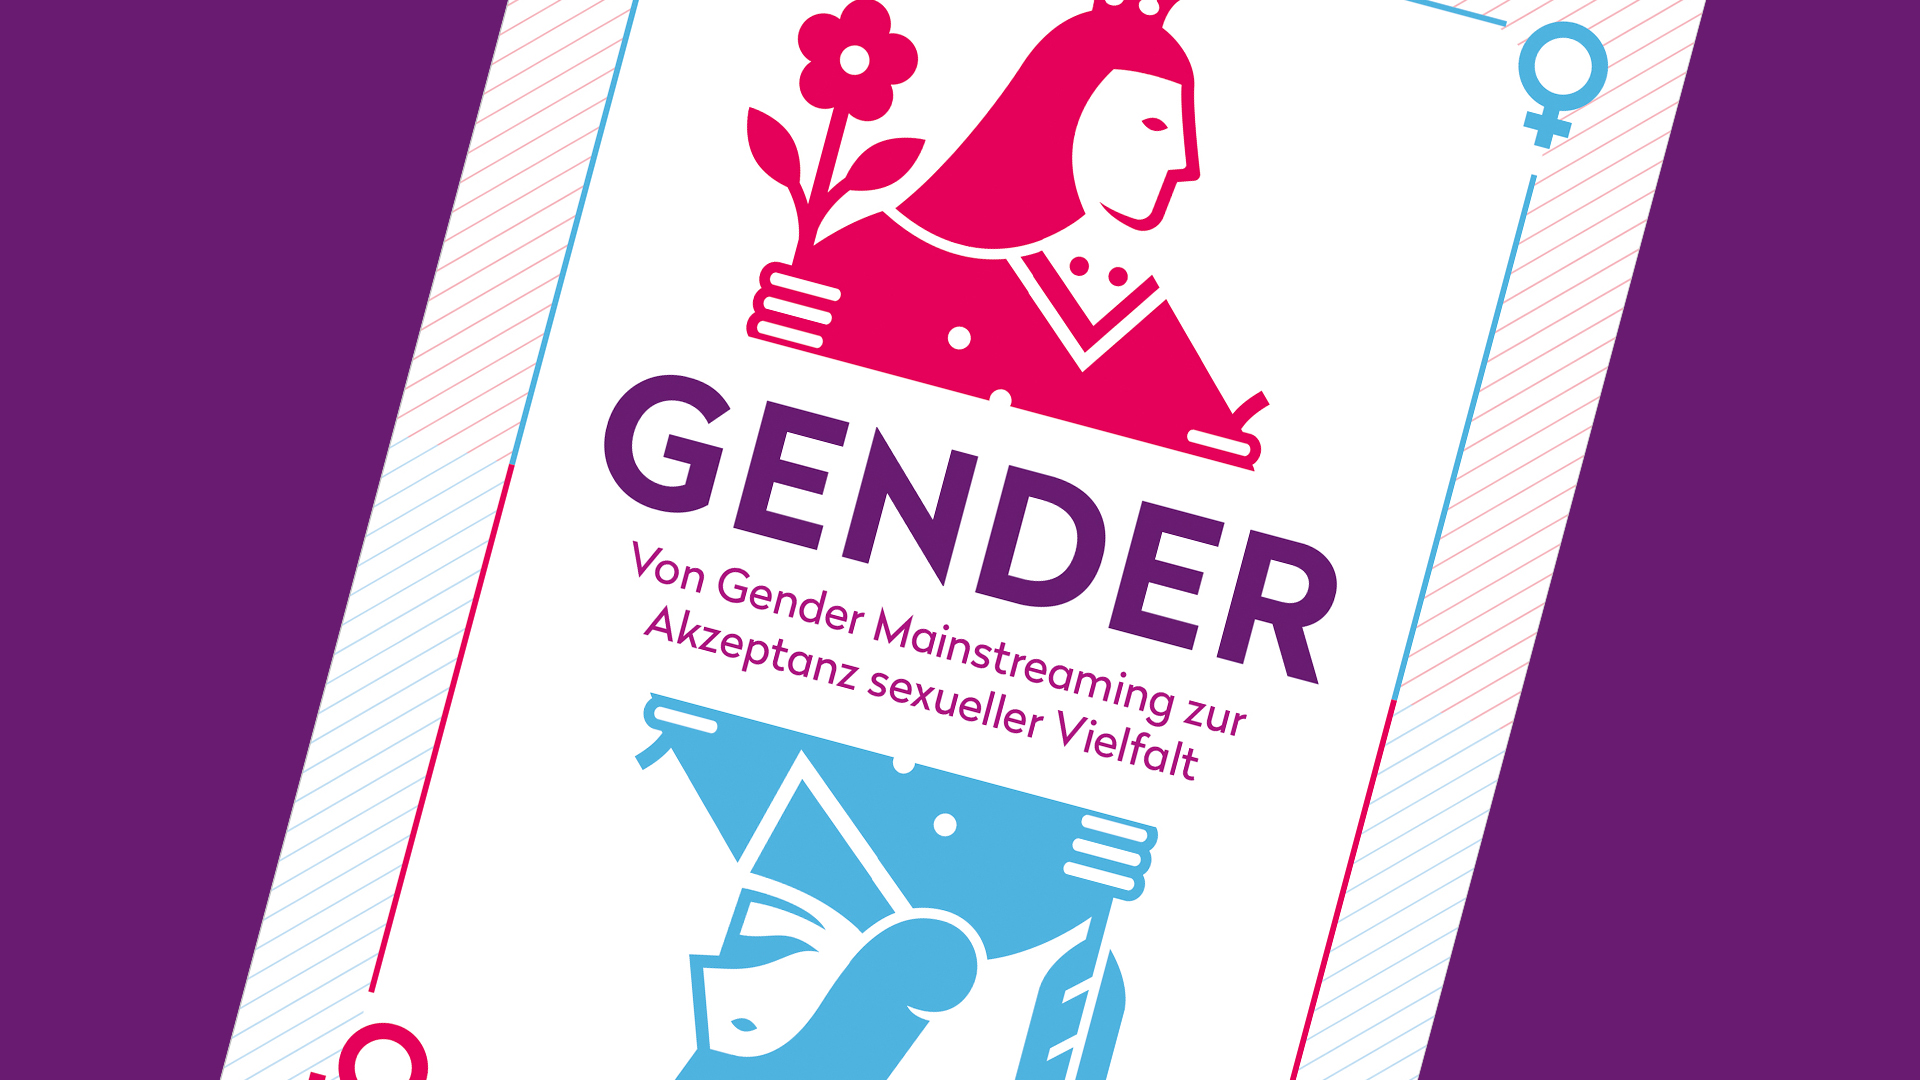 """""""Gender"""" bietet eine fundierte Betrachtung der Debatte um Sexualität und Familie mit christlichem Blickwinkel"""